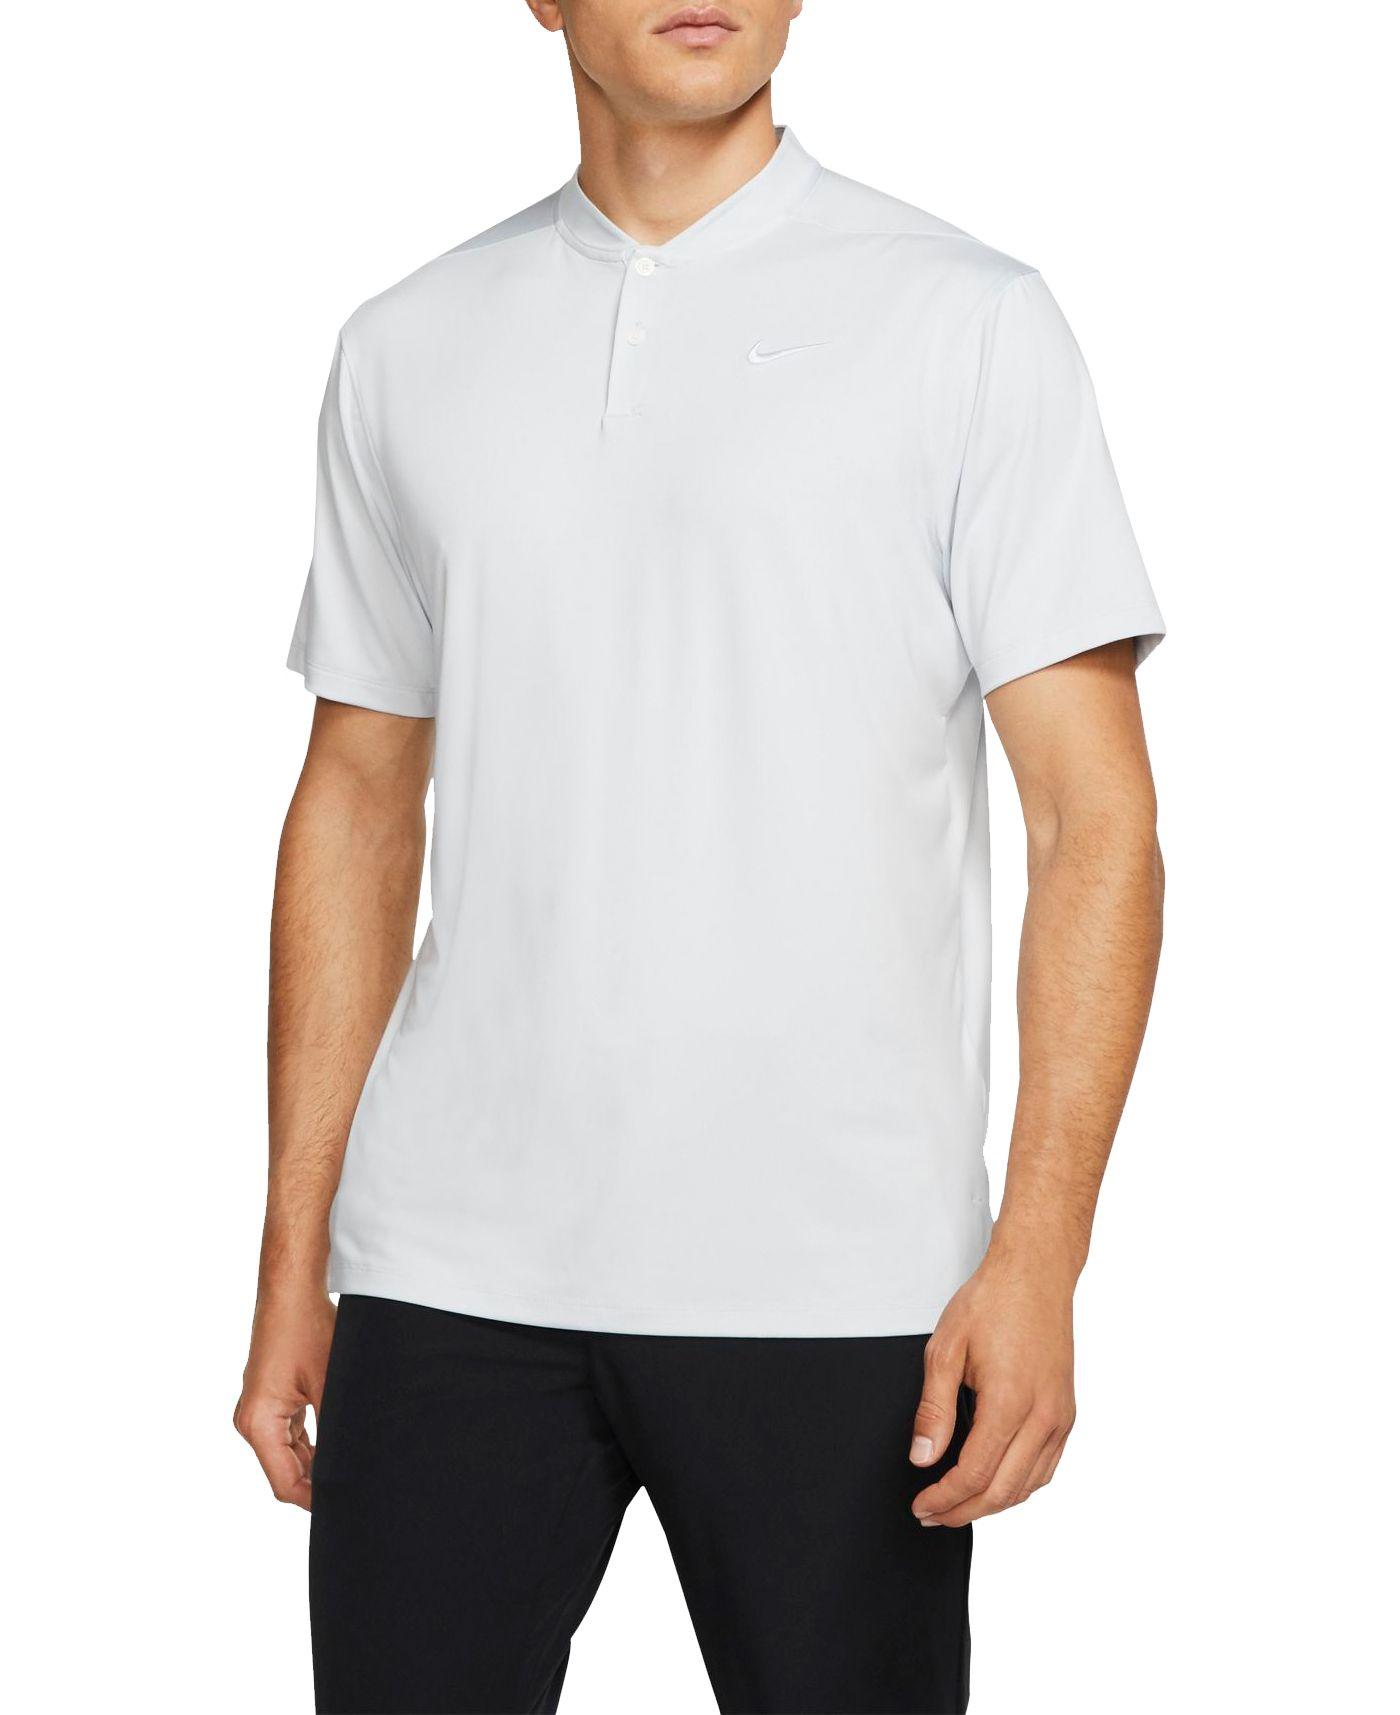 Nike Men's Vapor Blade Collar Golf Polo